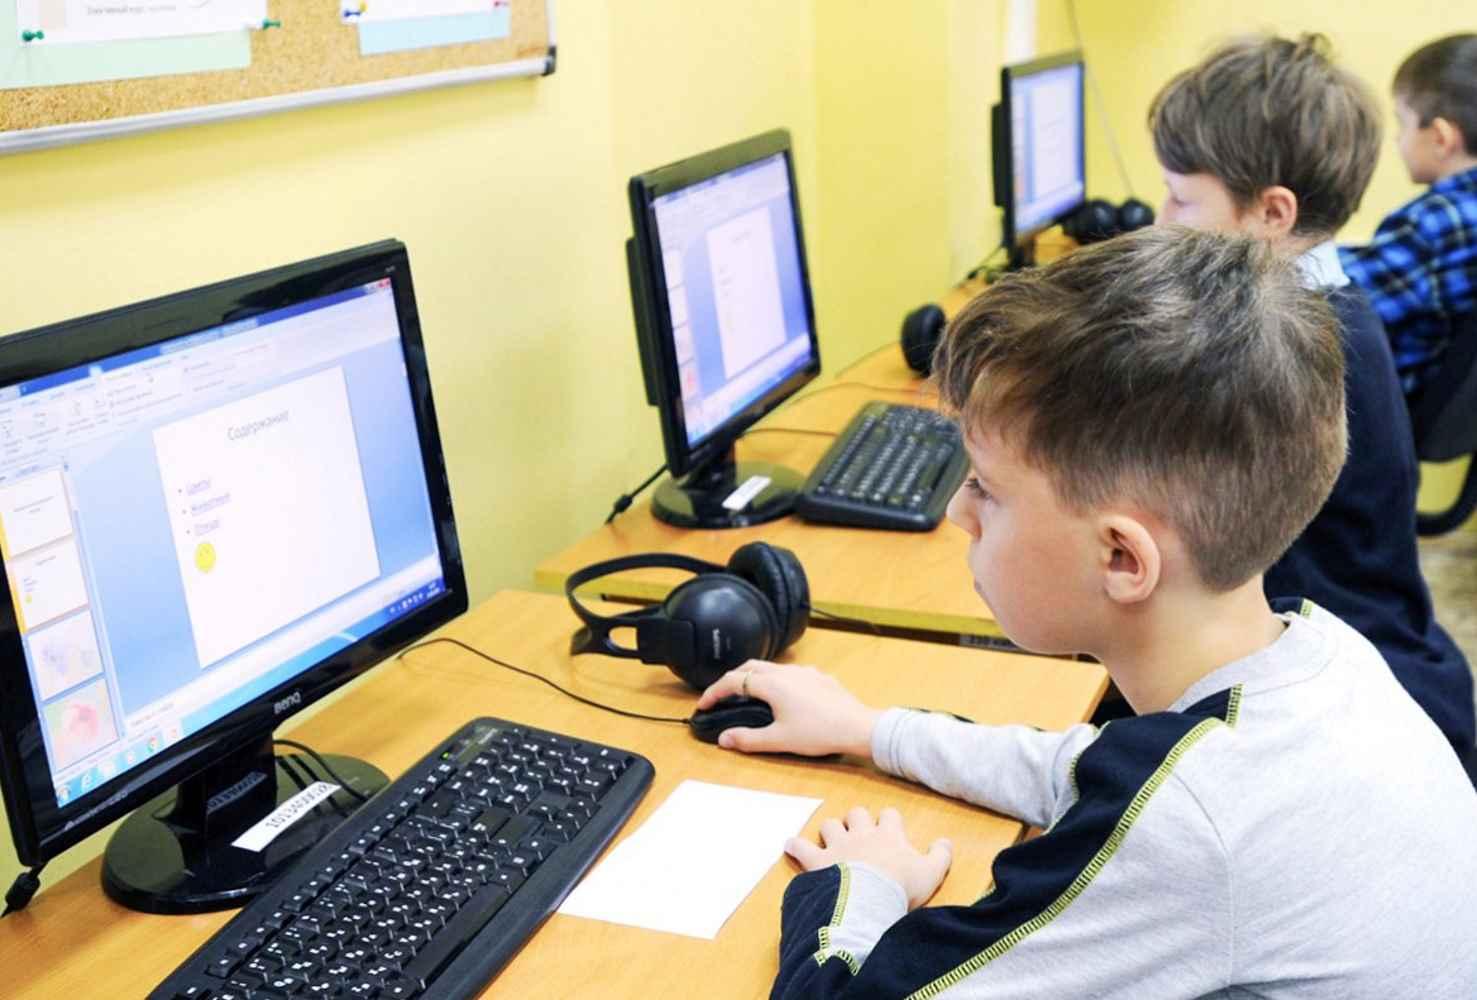 olga-vasileva-zayavila-o-nizkom-urovne-prepodavaniya-informatiki-v-shkolah